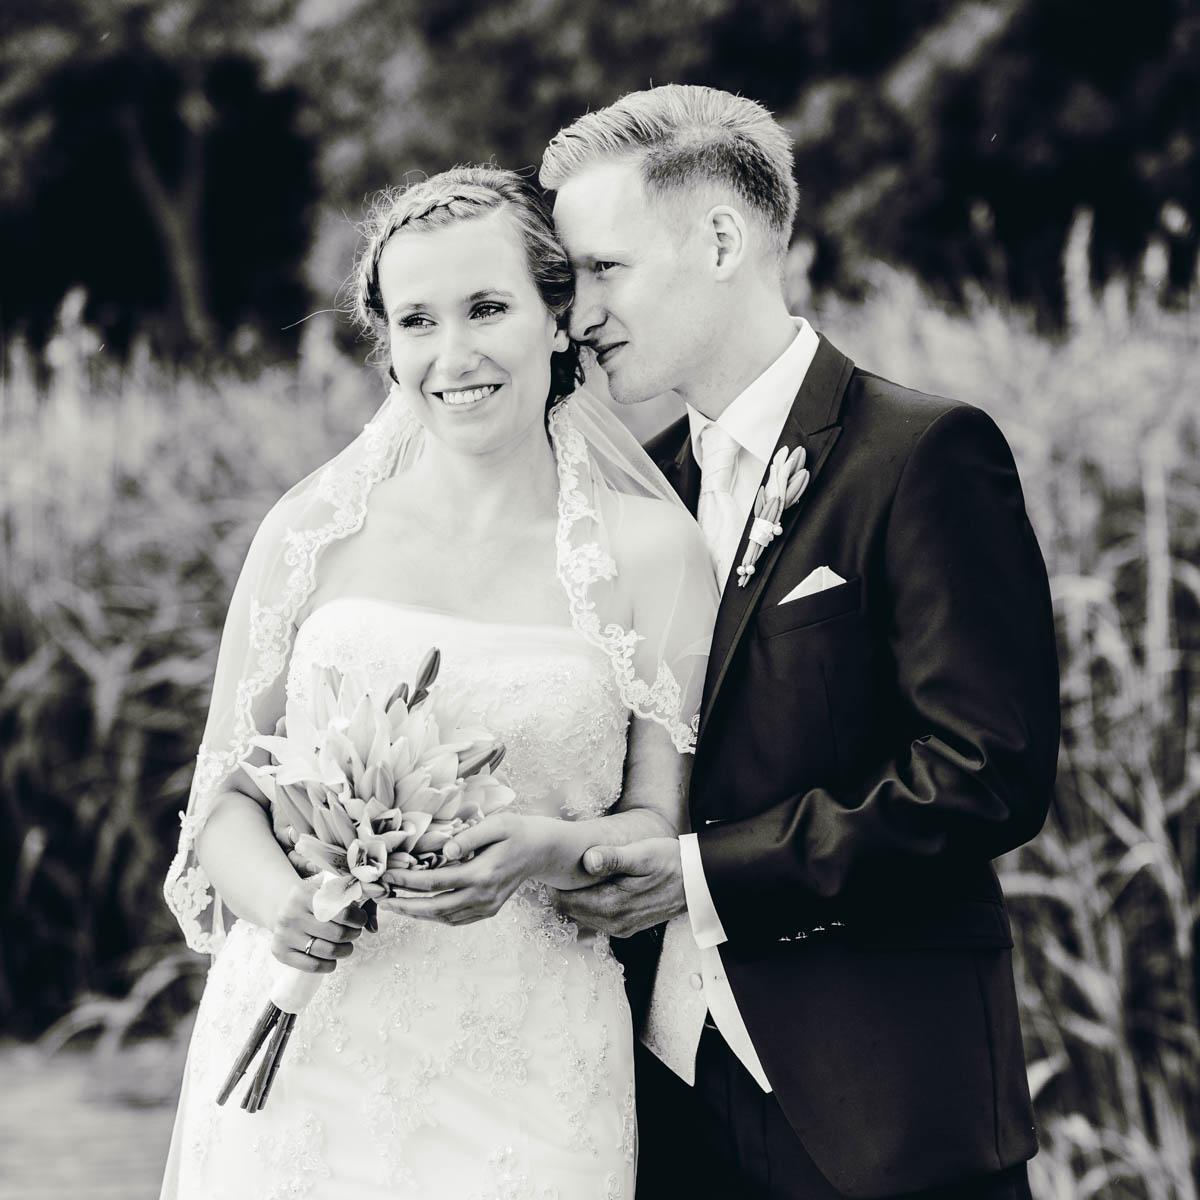 Kati & Markus